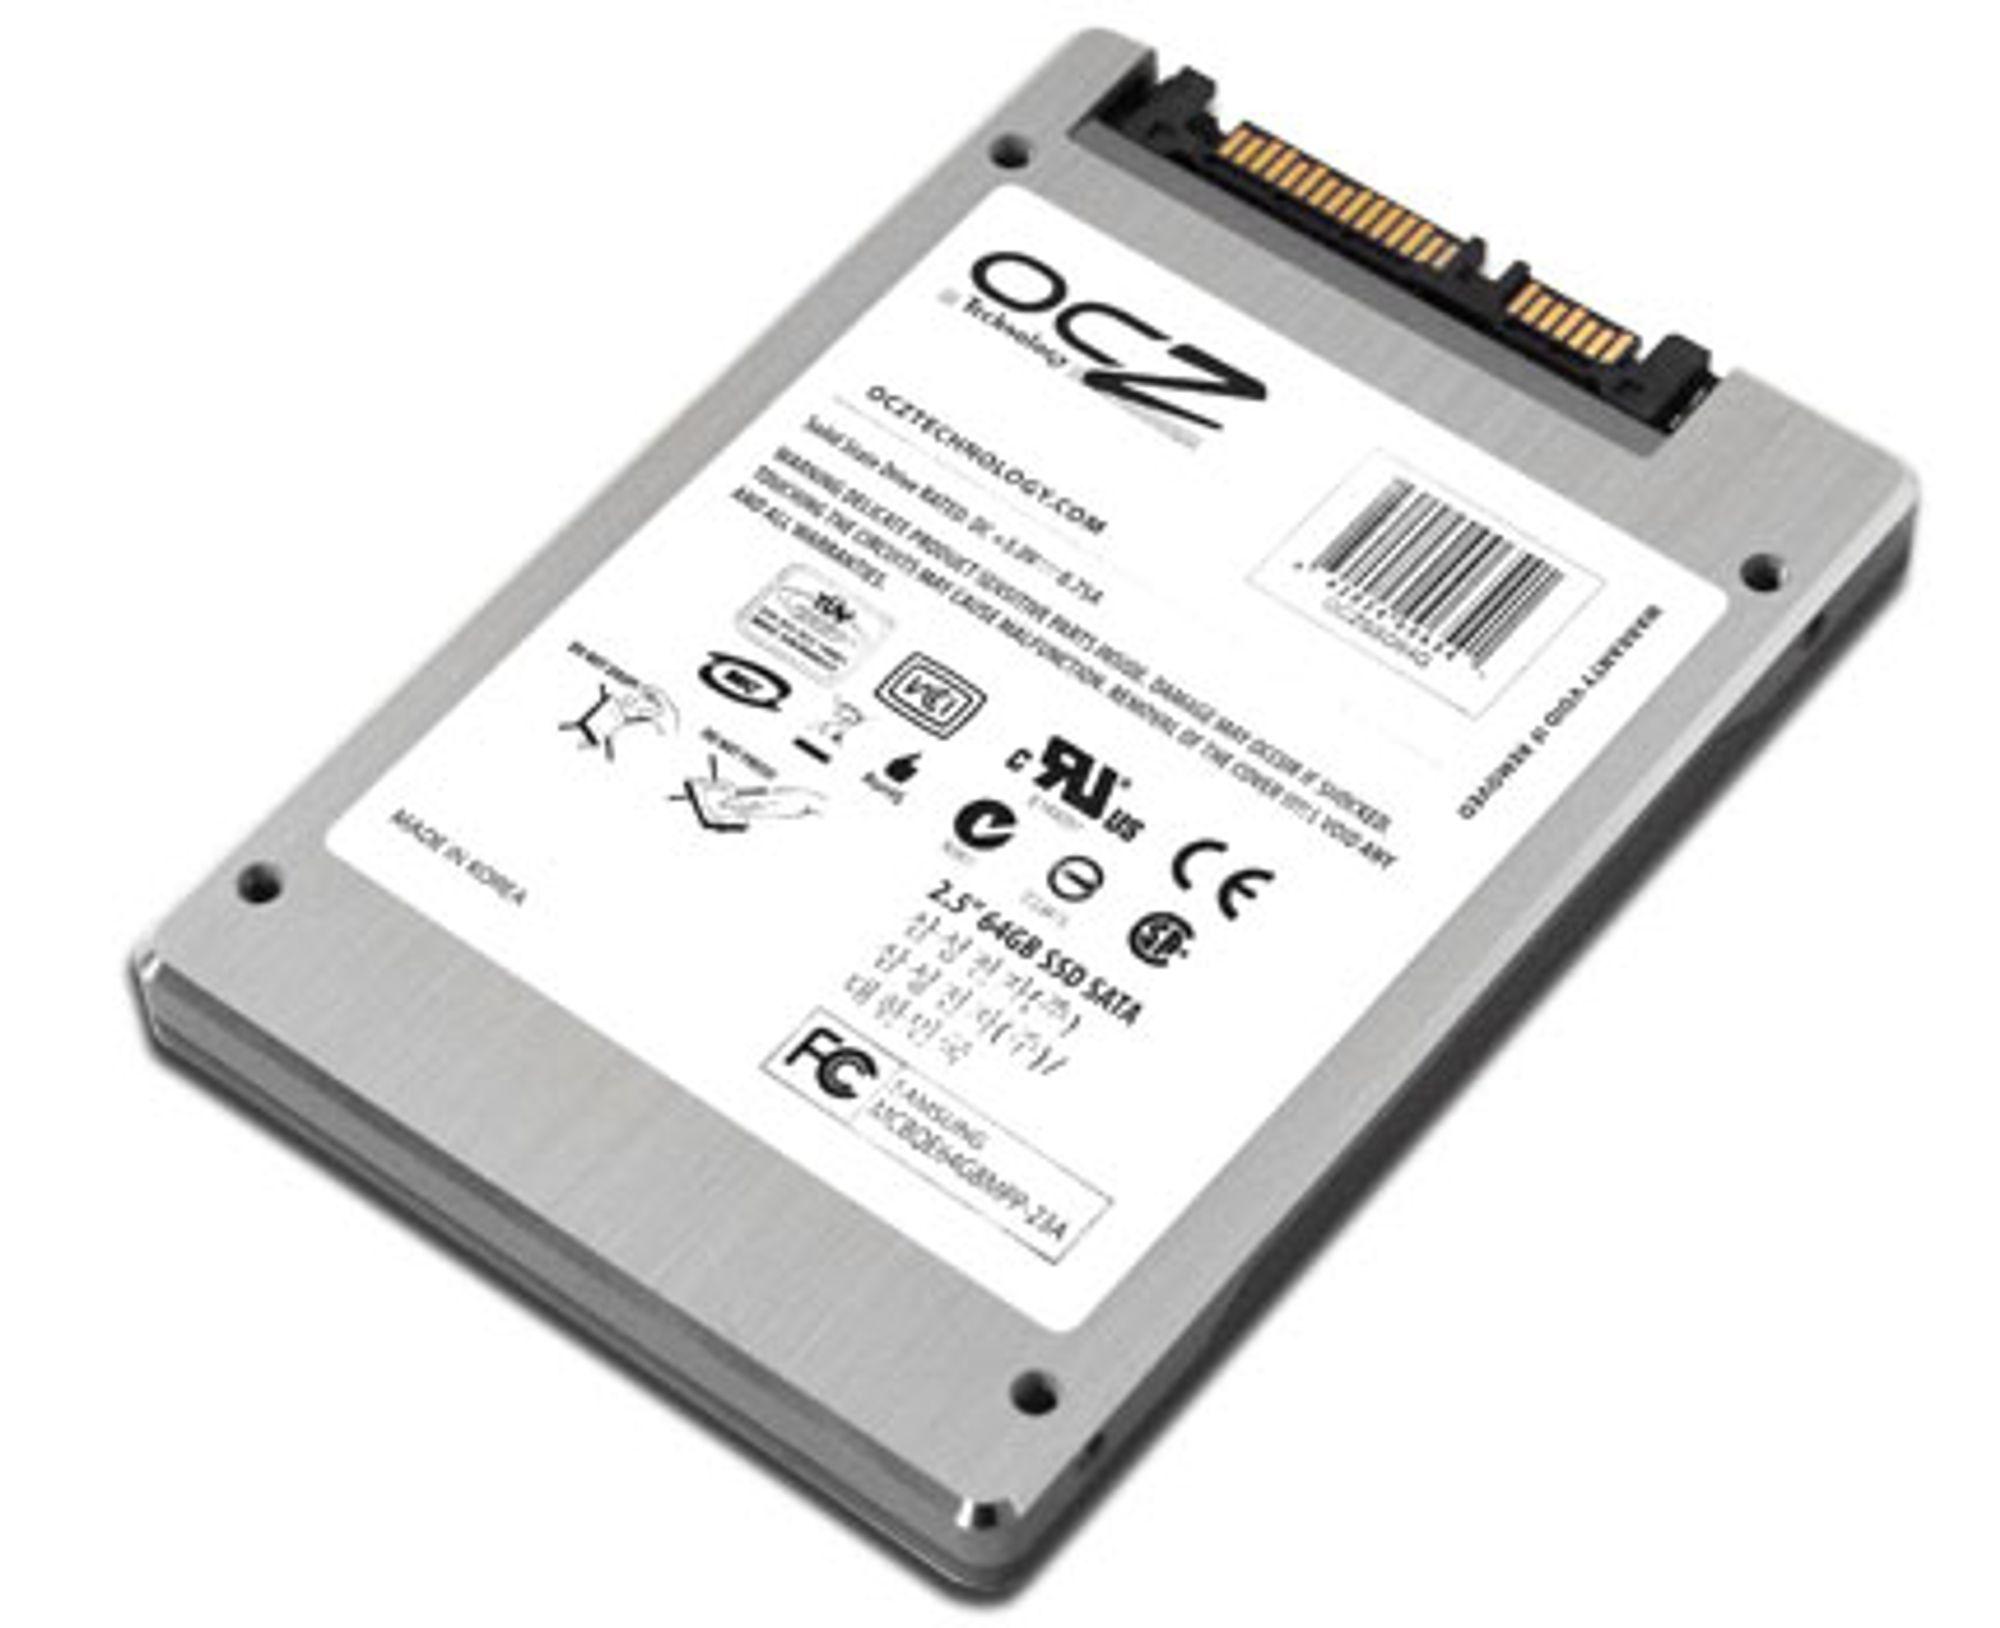 Vi sjekker batteritiden med OCZ' 64 SSD-enhet